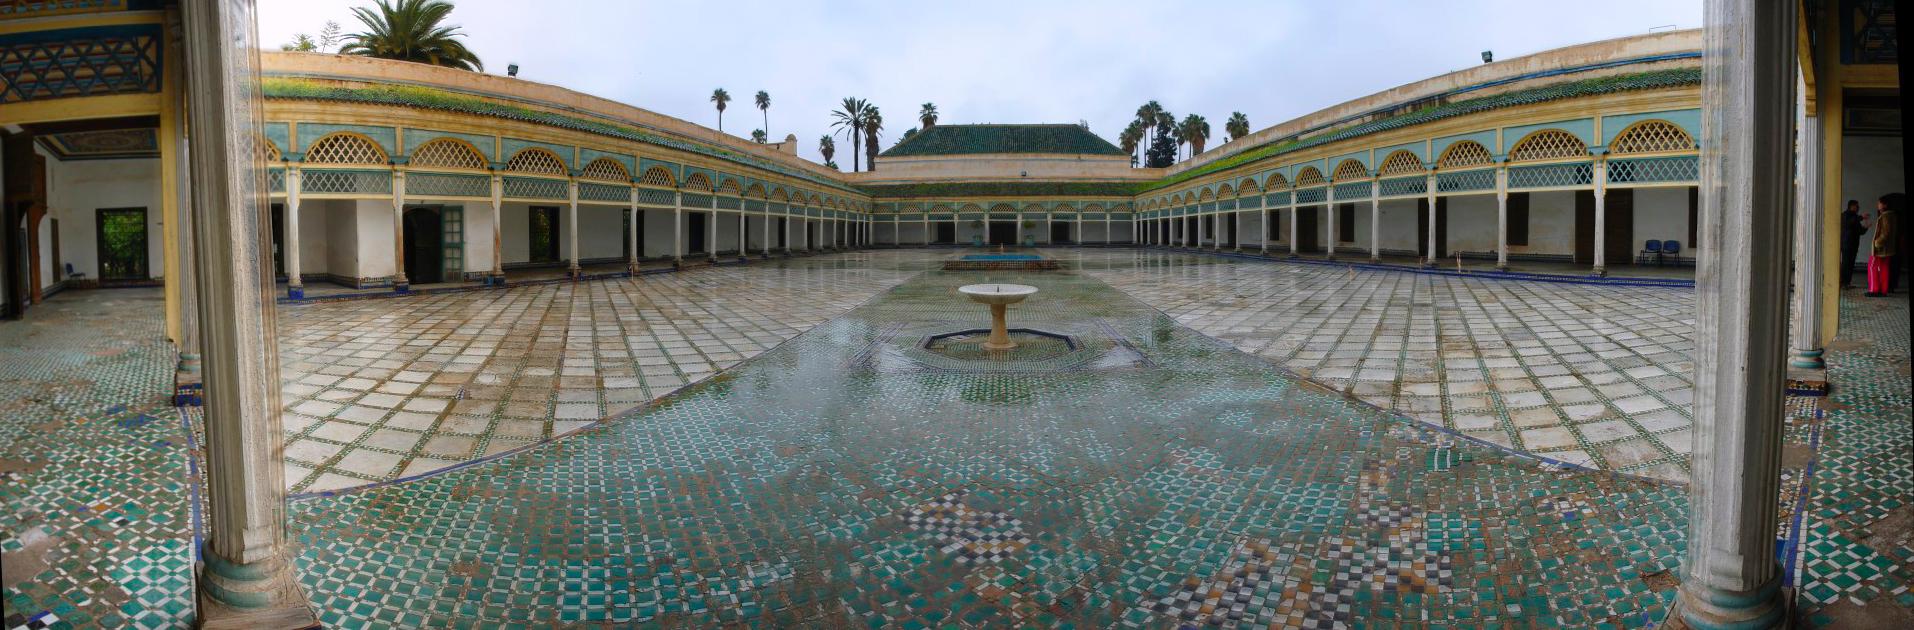 Qué ver en Marrakech, Marruecos - Morocco qué ver en marrakech - 30892957332 01a7c75859 o - Qué ver en Marrakech, Marruecos